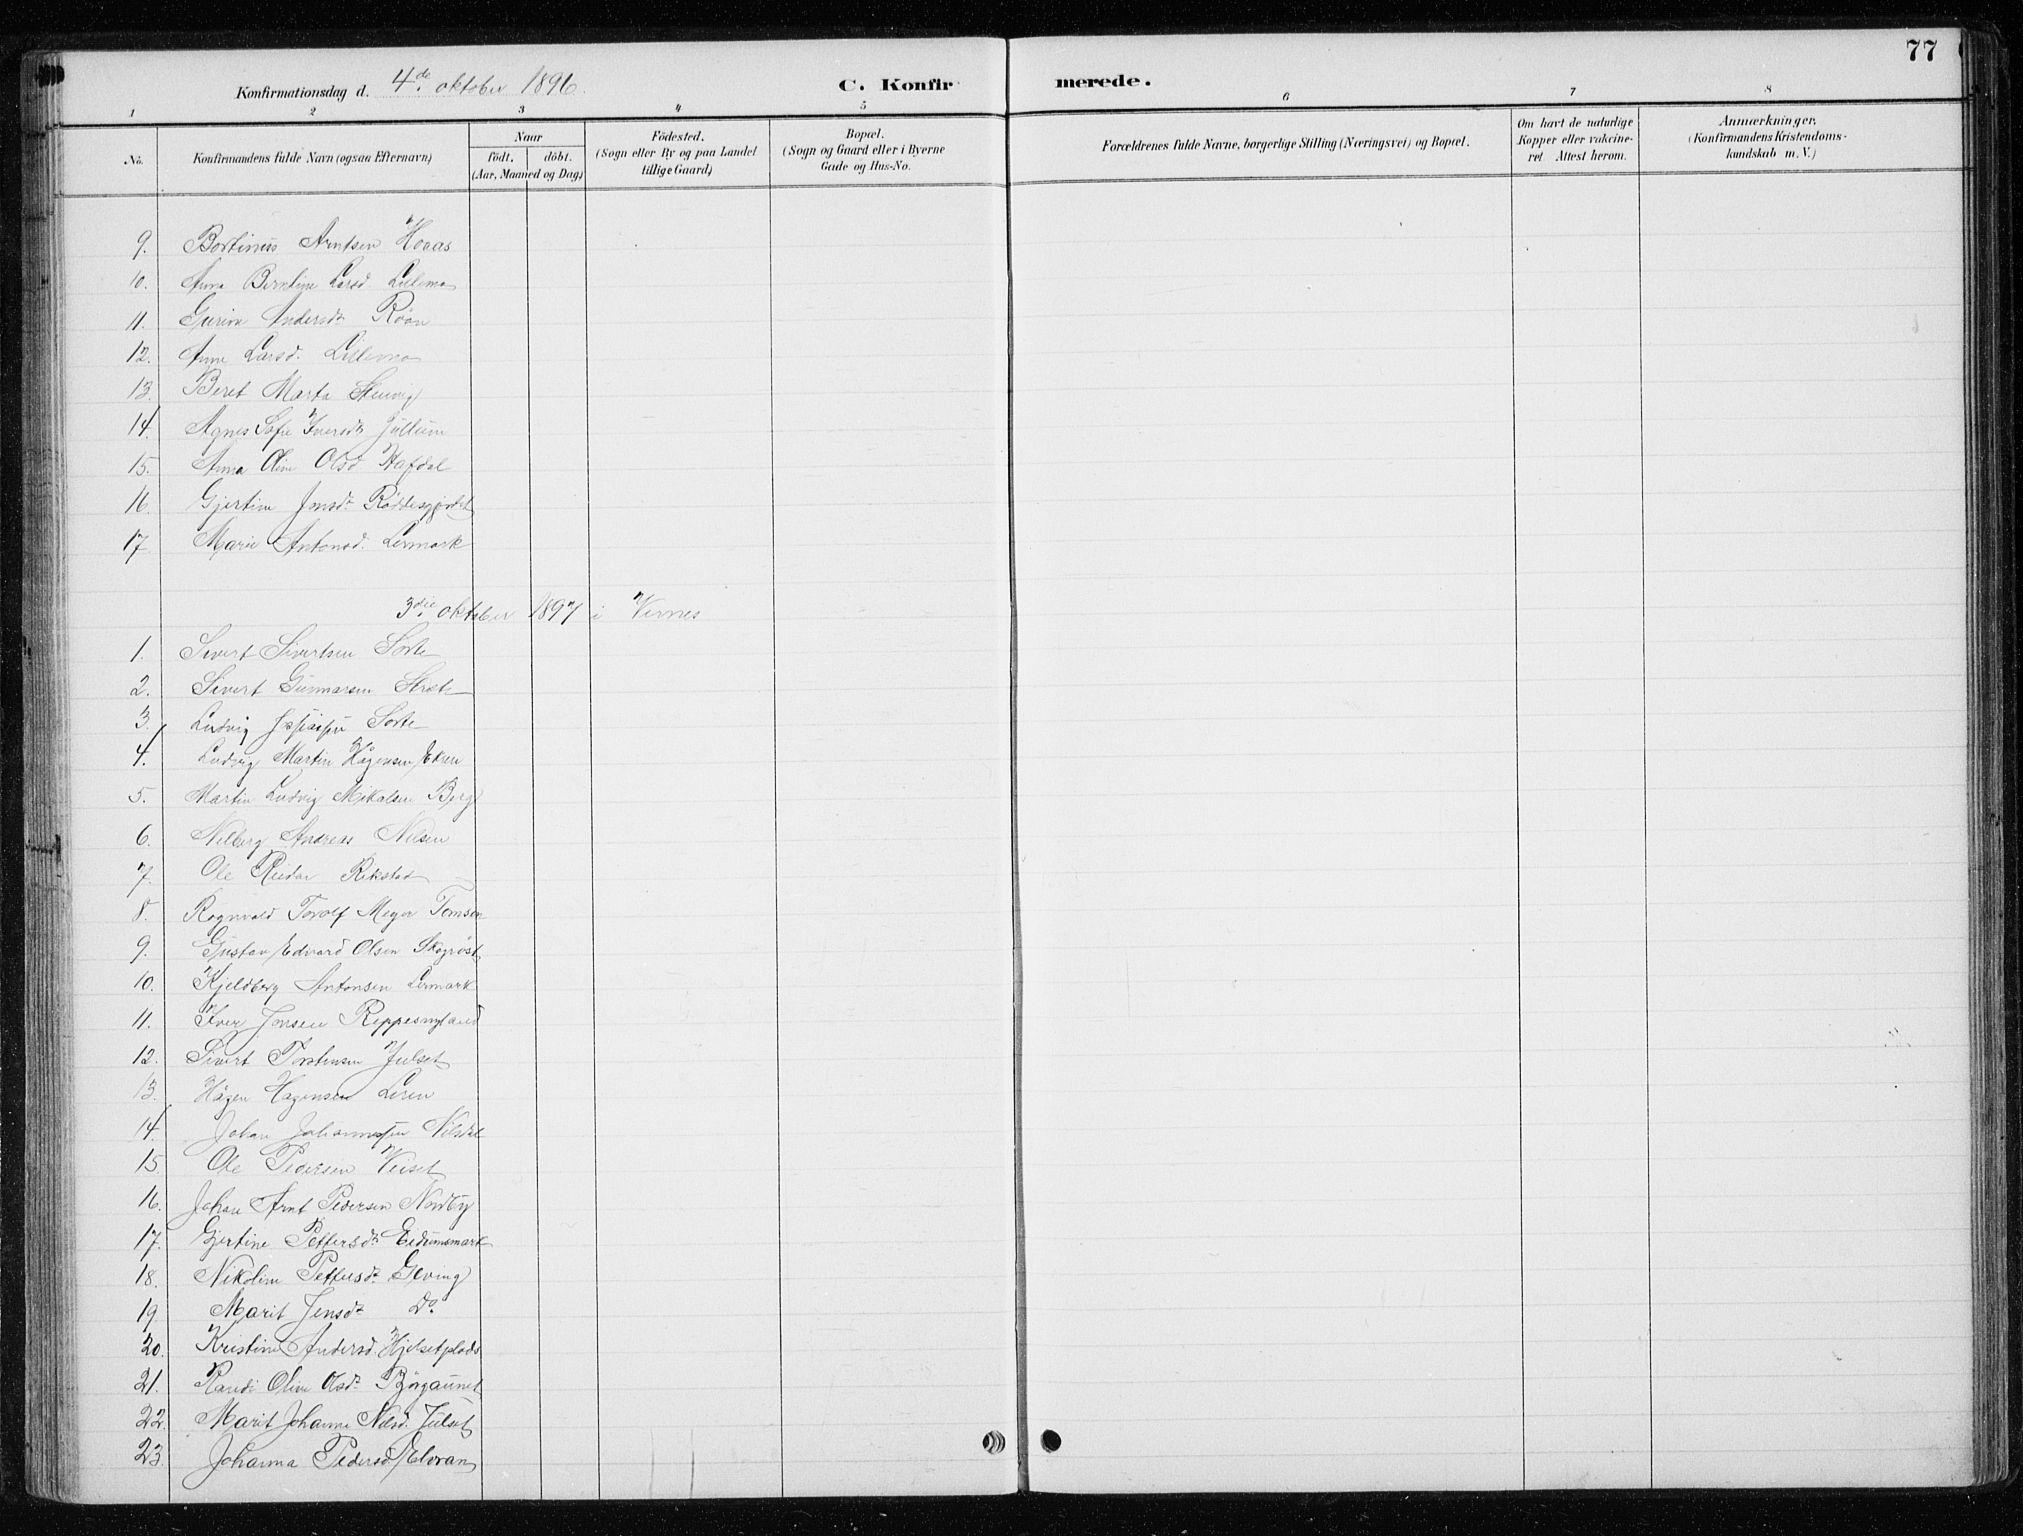 SAT, Ministerialprotokoller, klokkerbøker og fødselsregistre - Nord-Trøndelag, 710/L0096: Klokkerbok nr. 710C01, 1892-1925, s. 77